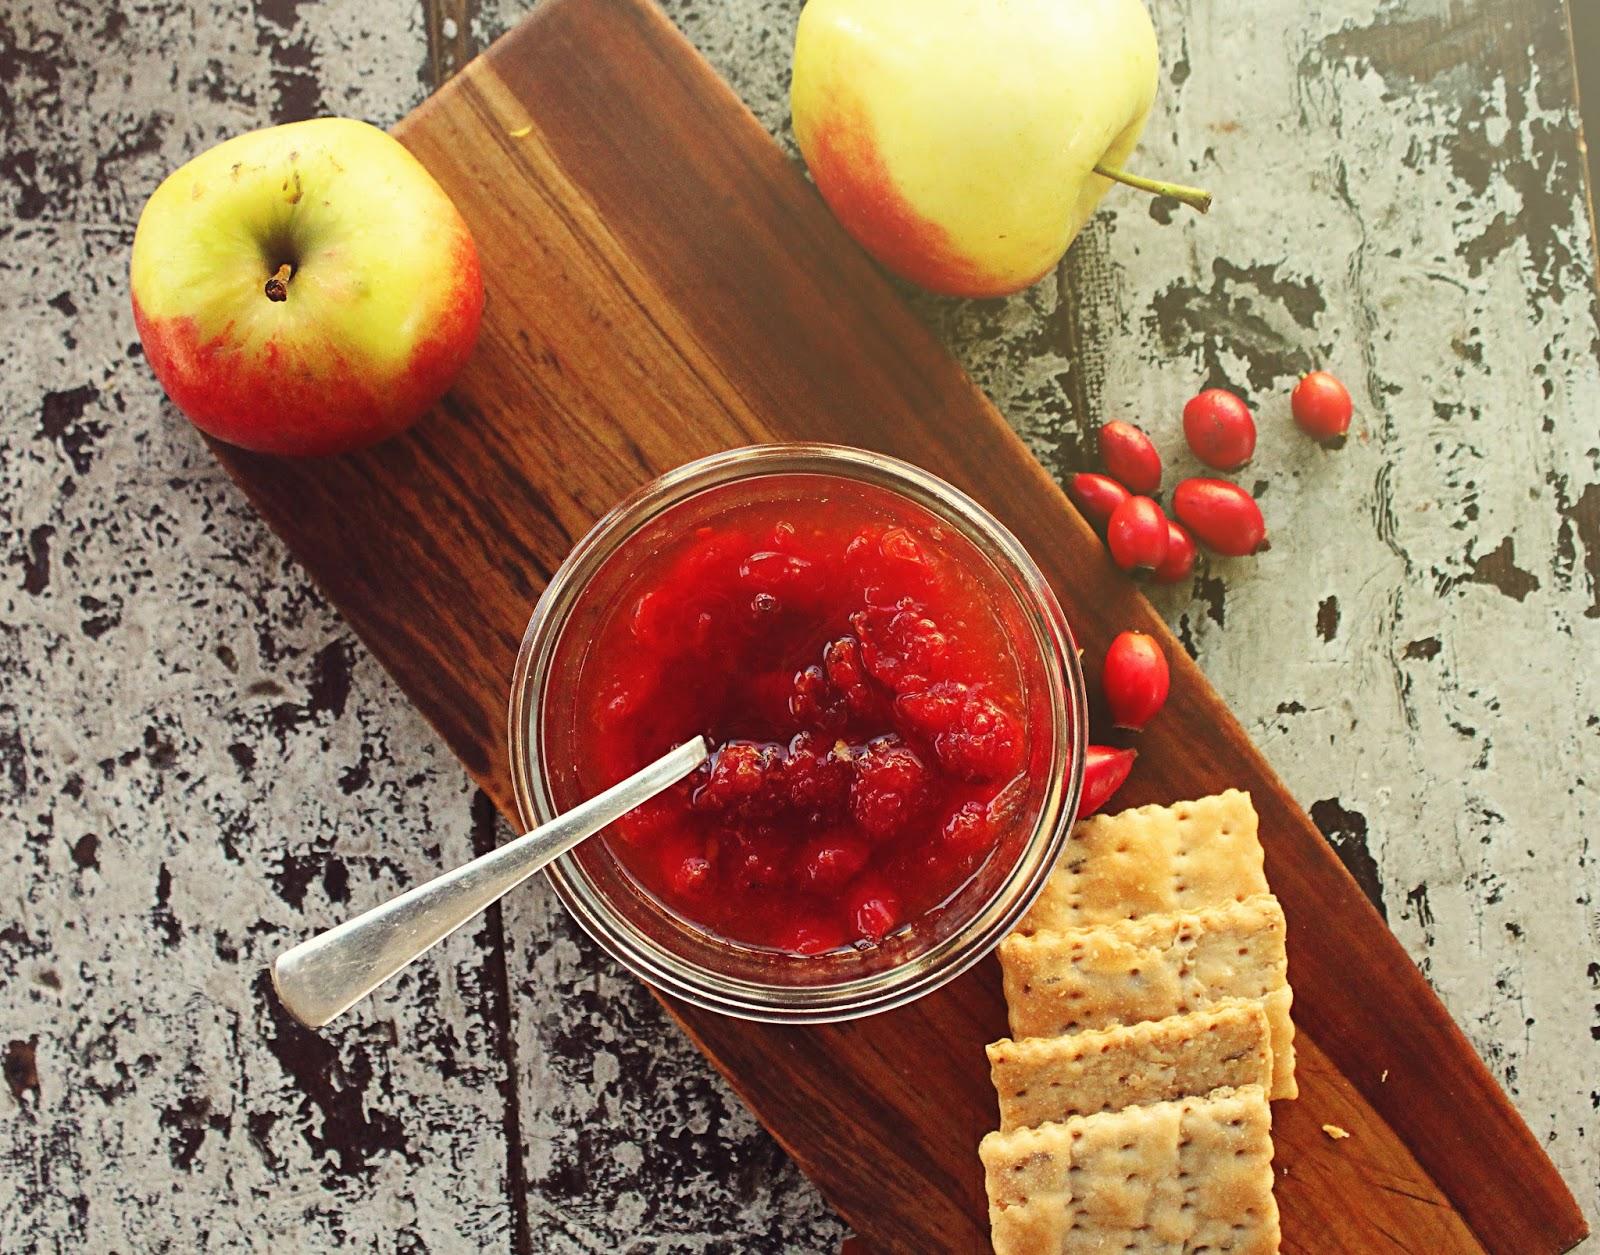 ... rosehips in torvehallerne so i decided to make some rosehip apple jam